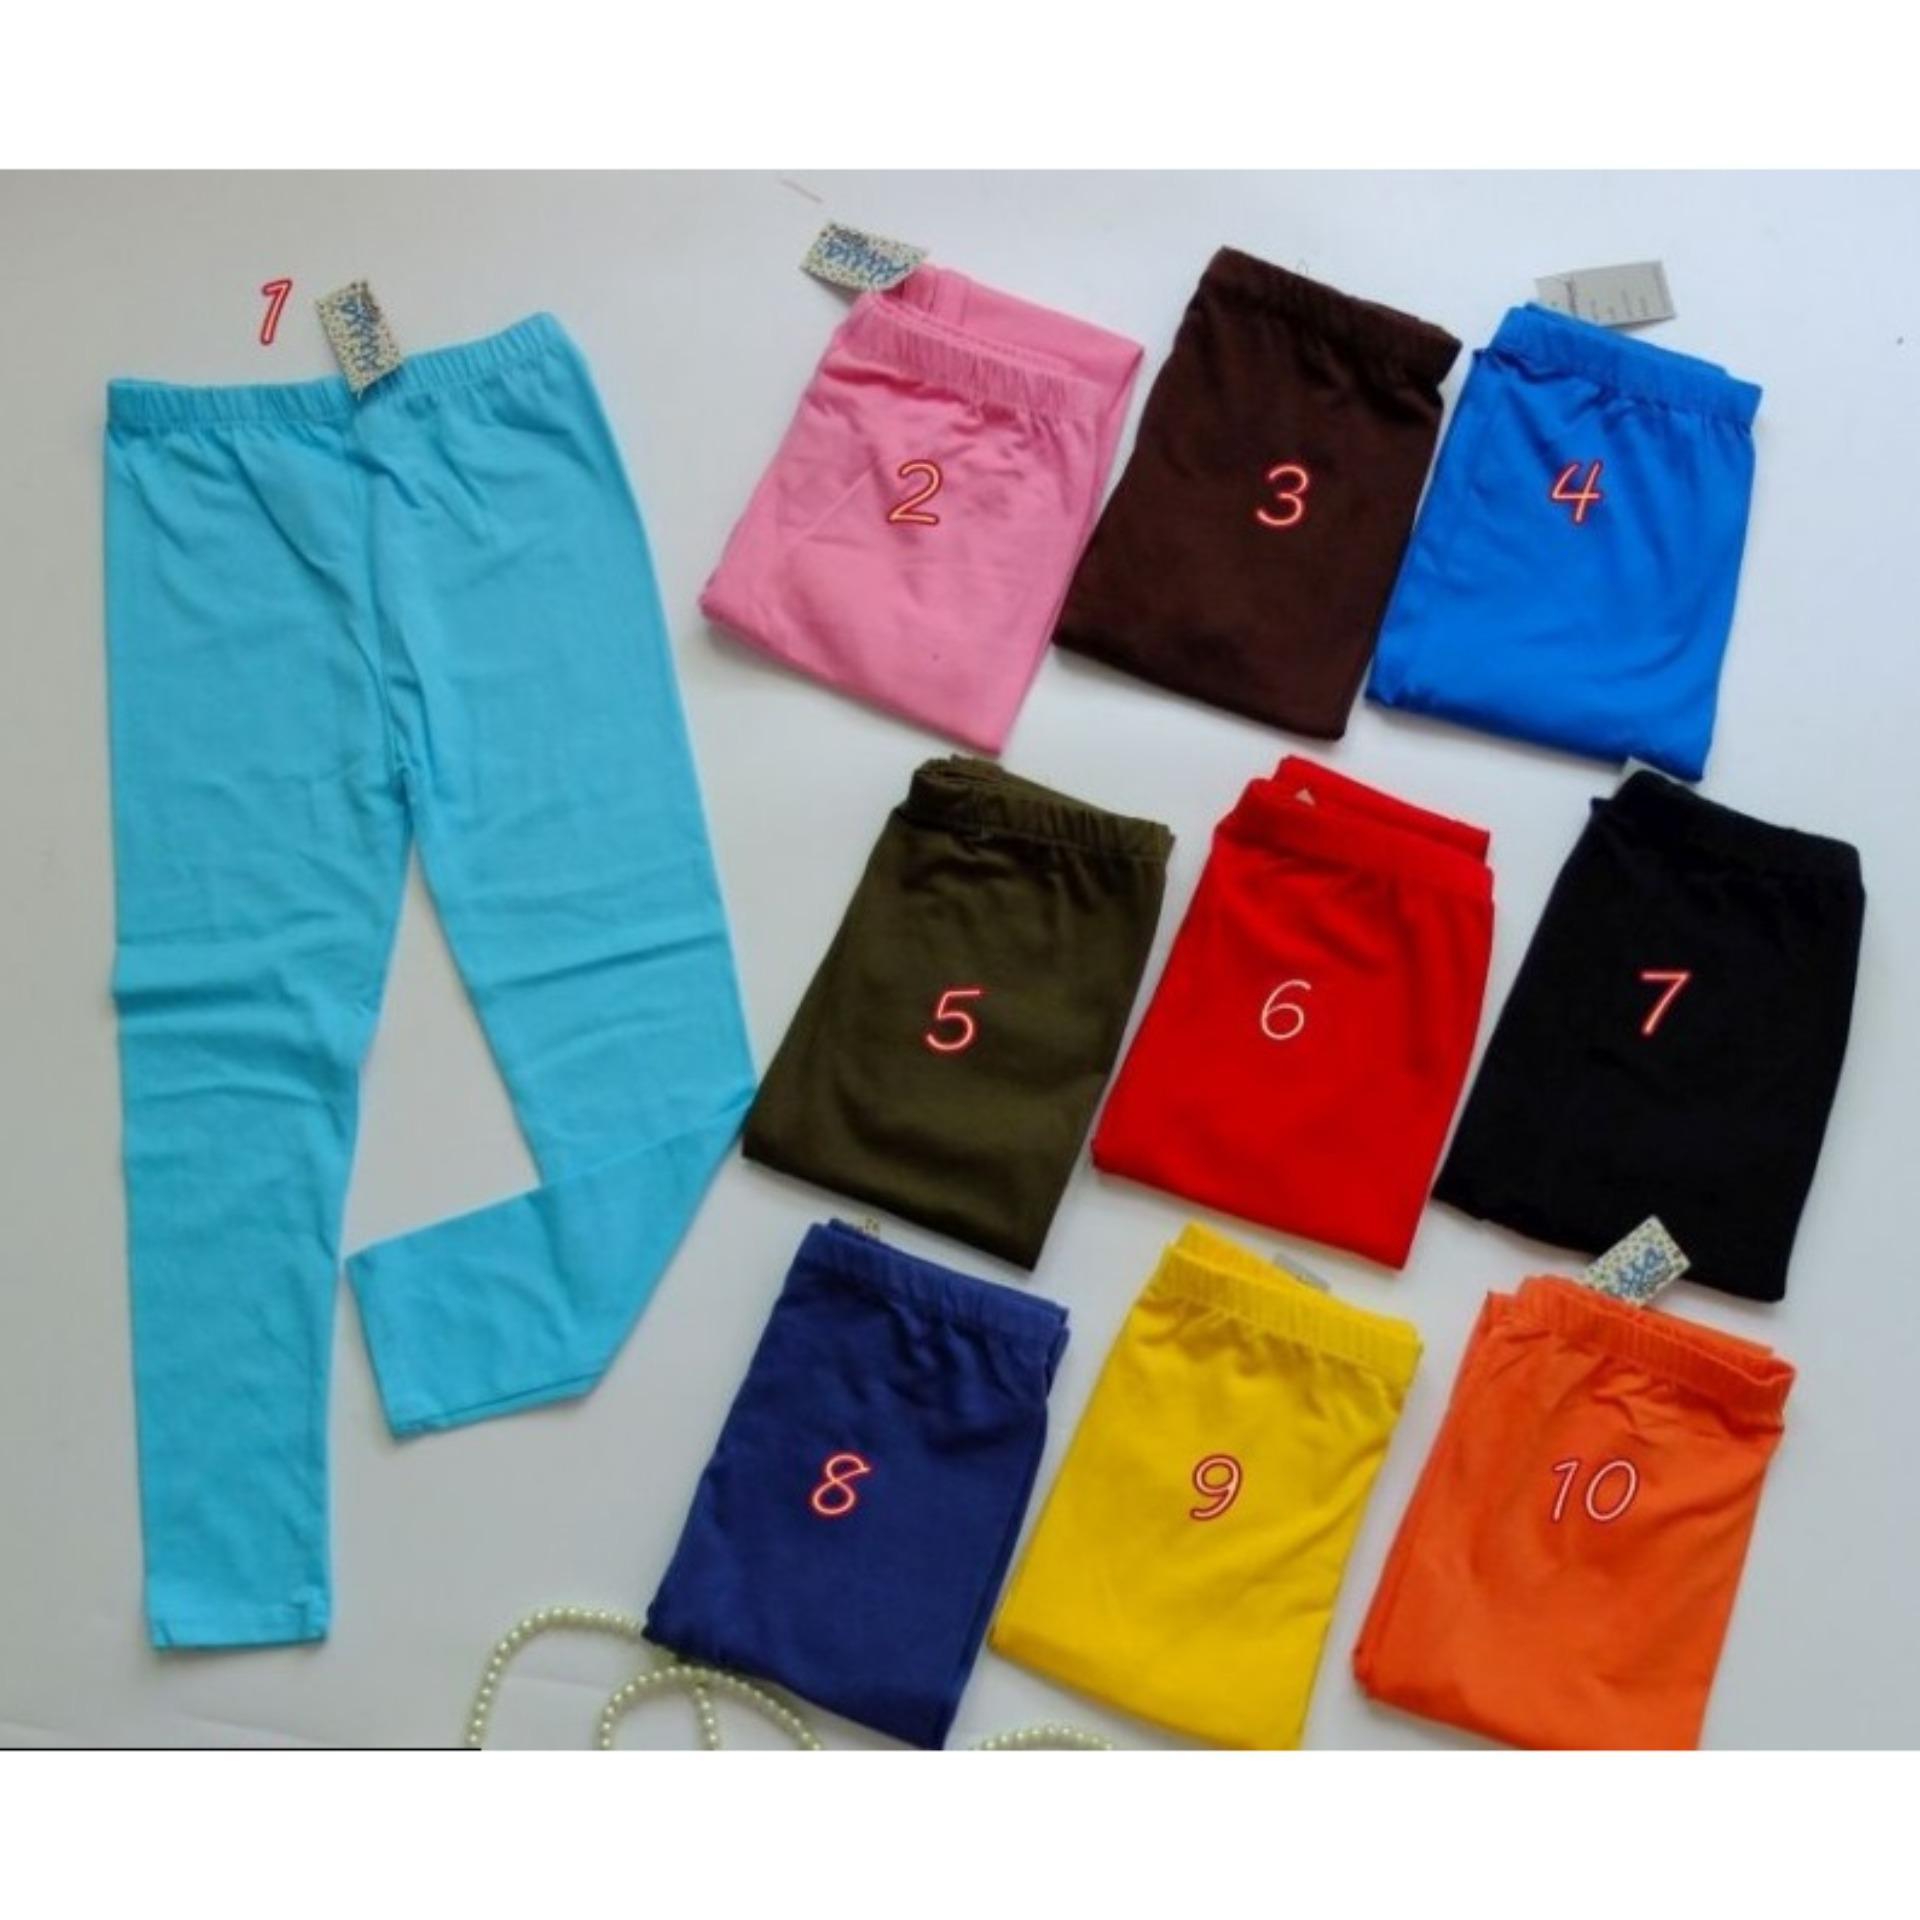 Jual Pakaian Bayi Perempuan Terbaru  5f29a7d5d0